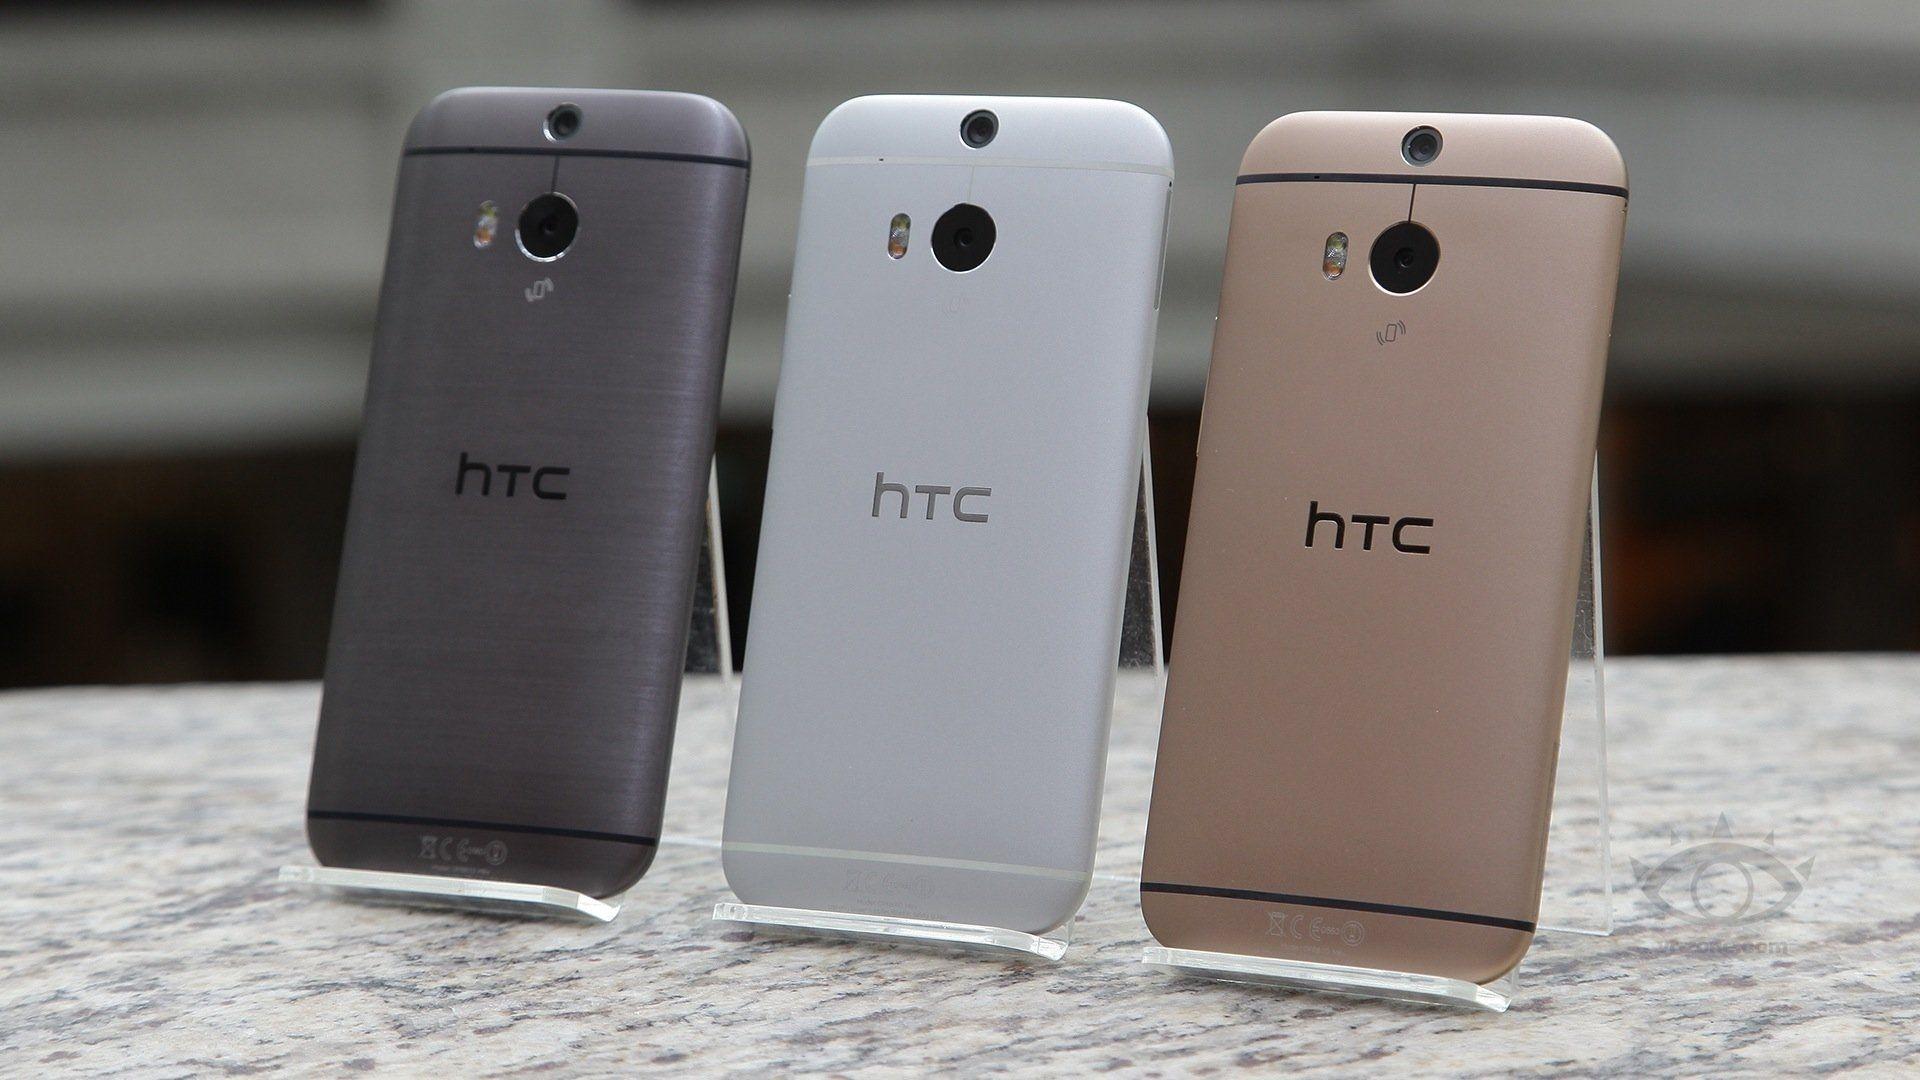 日子不好过啊!htc狂砍入门手机机型